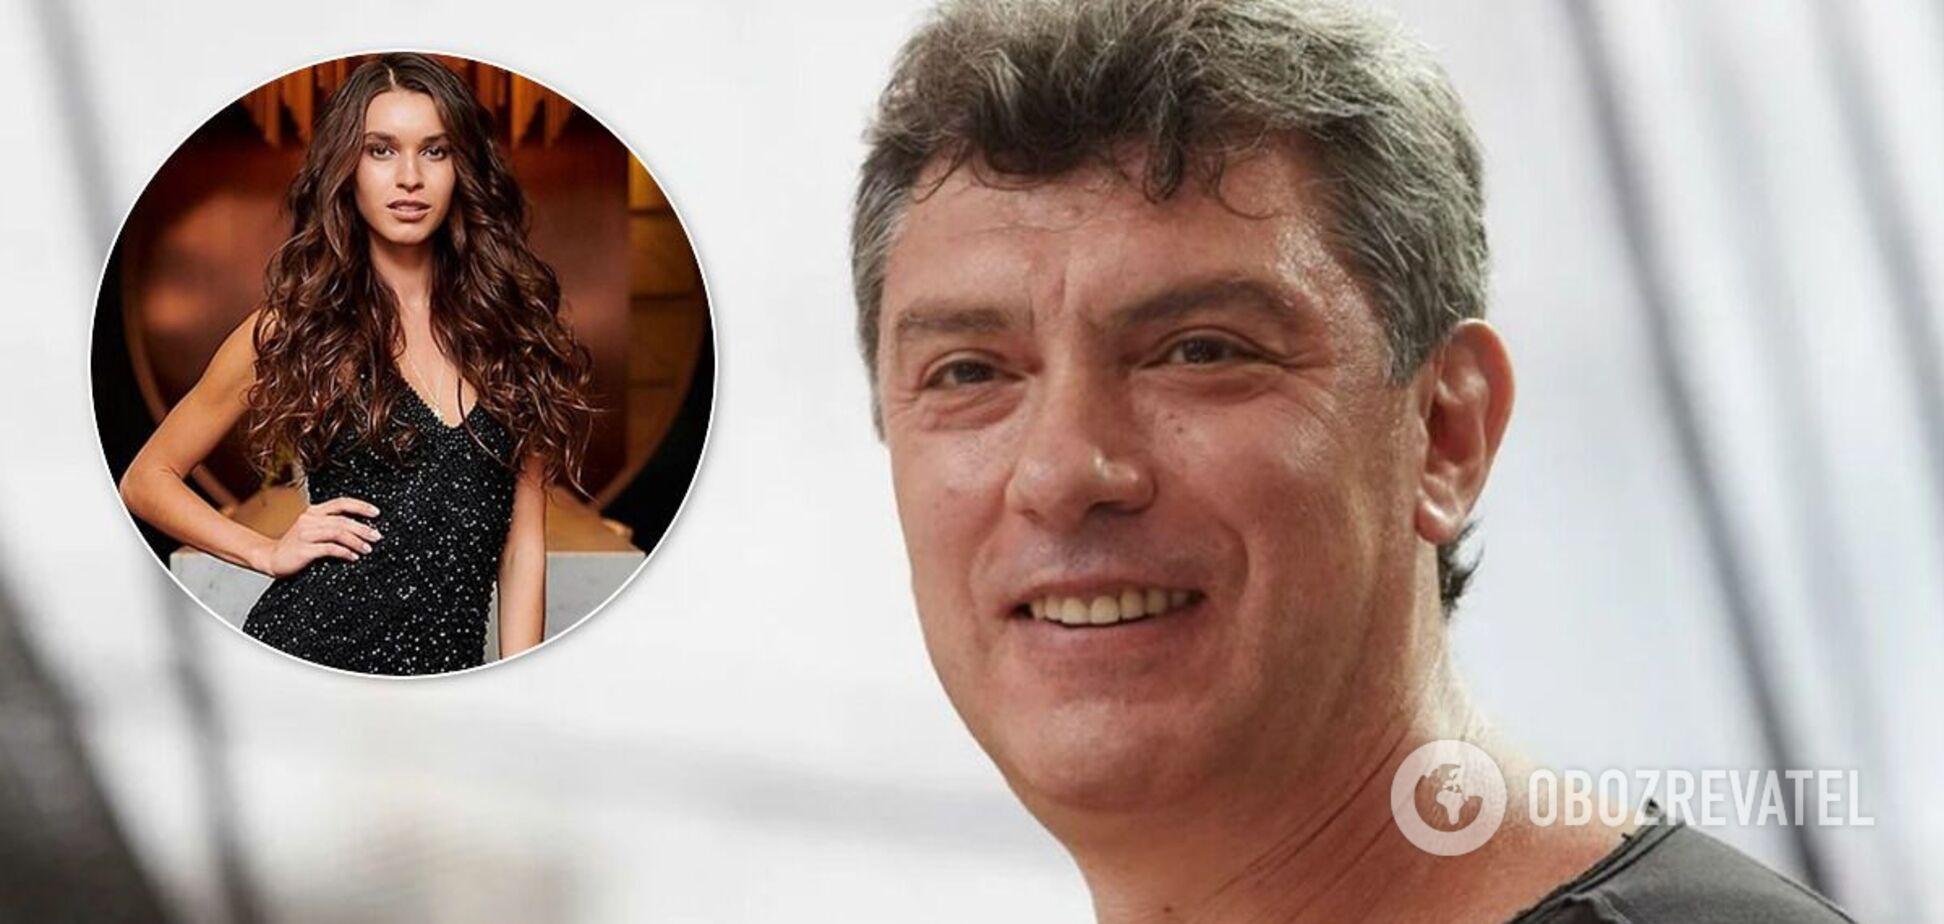 Дурицкая познакомилась с Немцовым в 2012 году